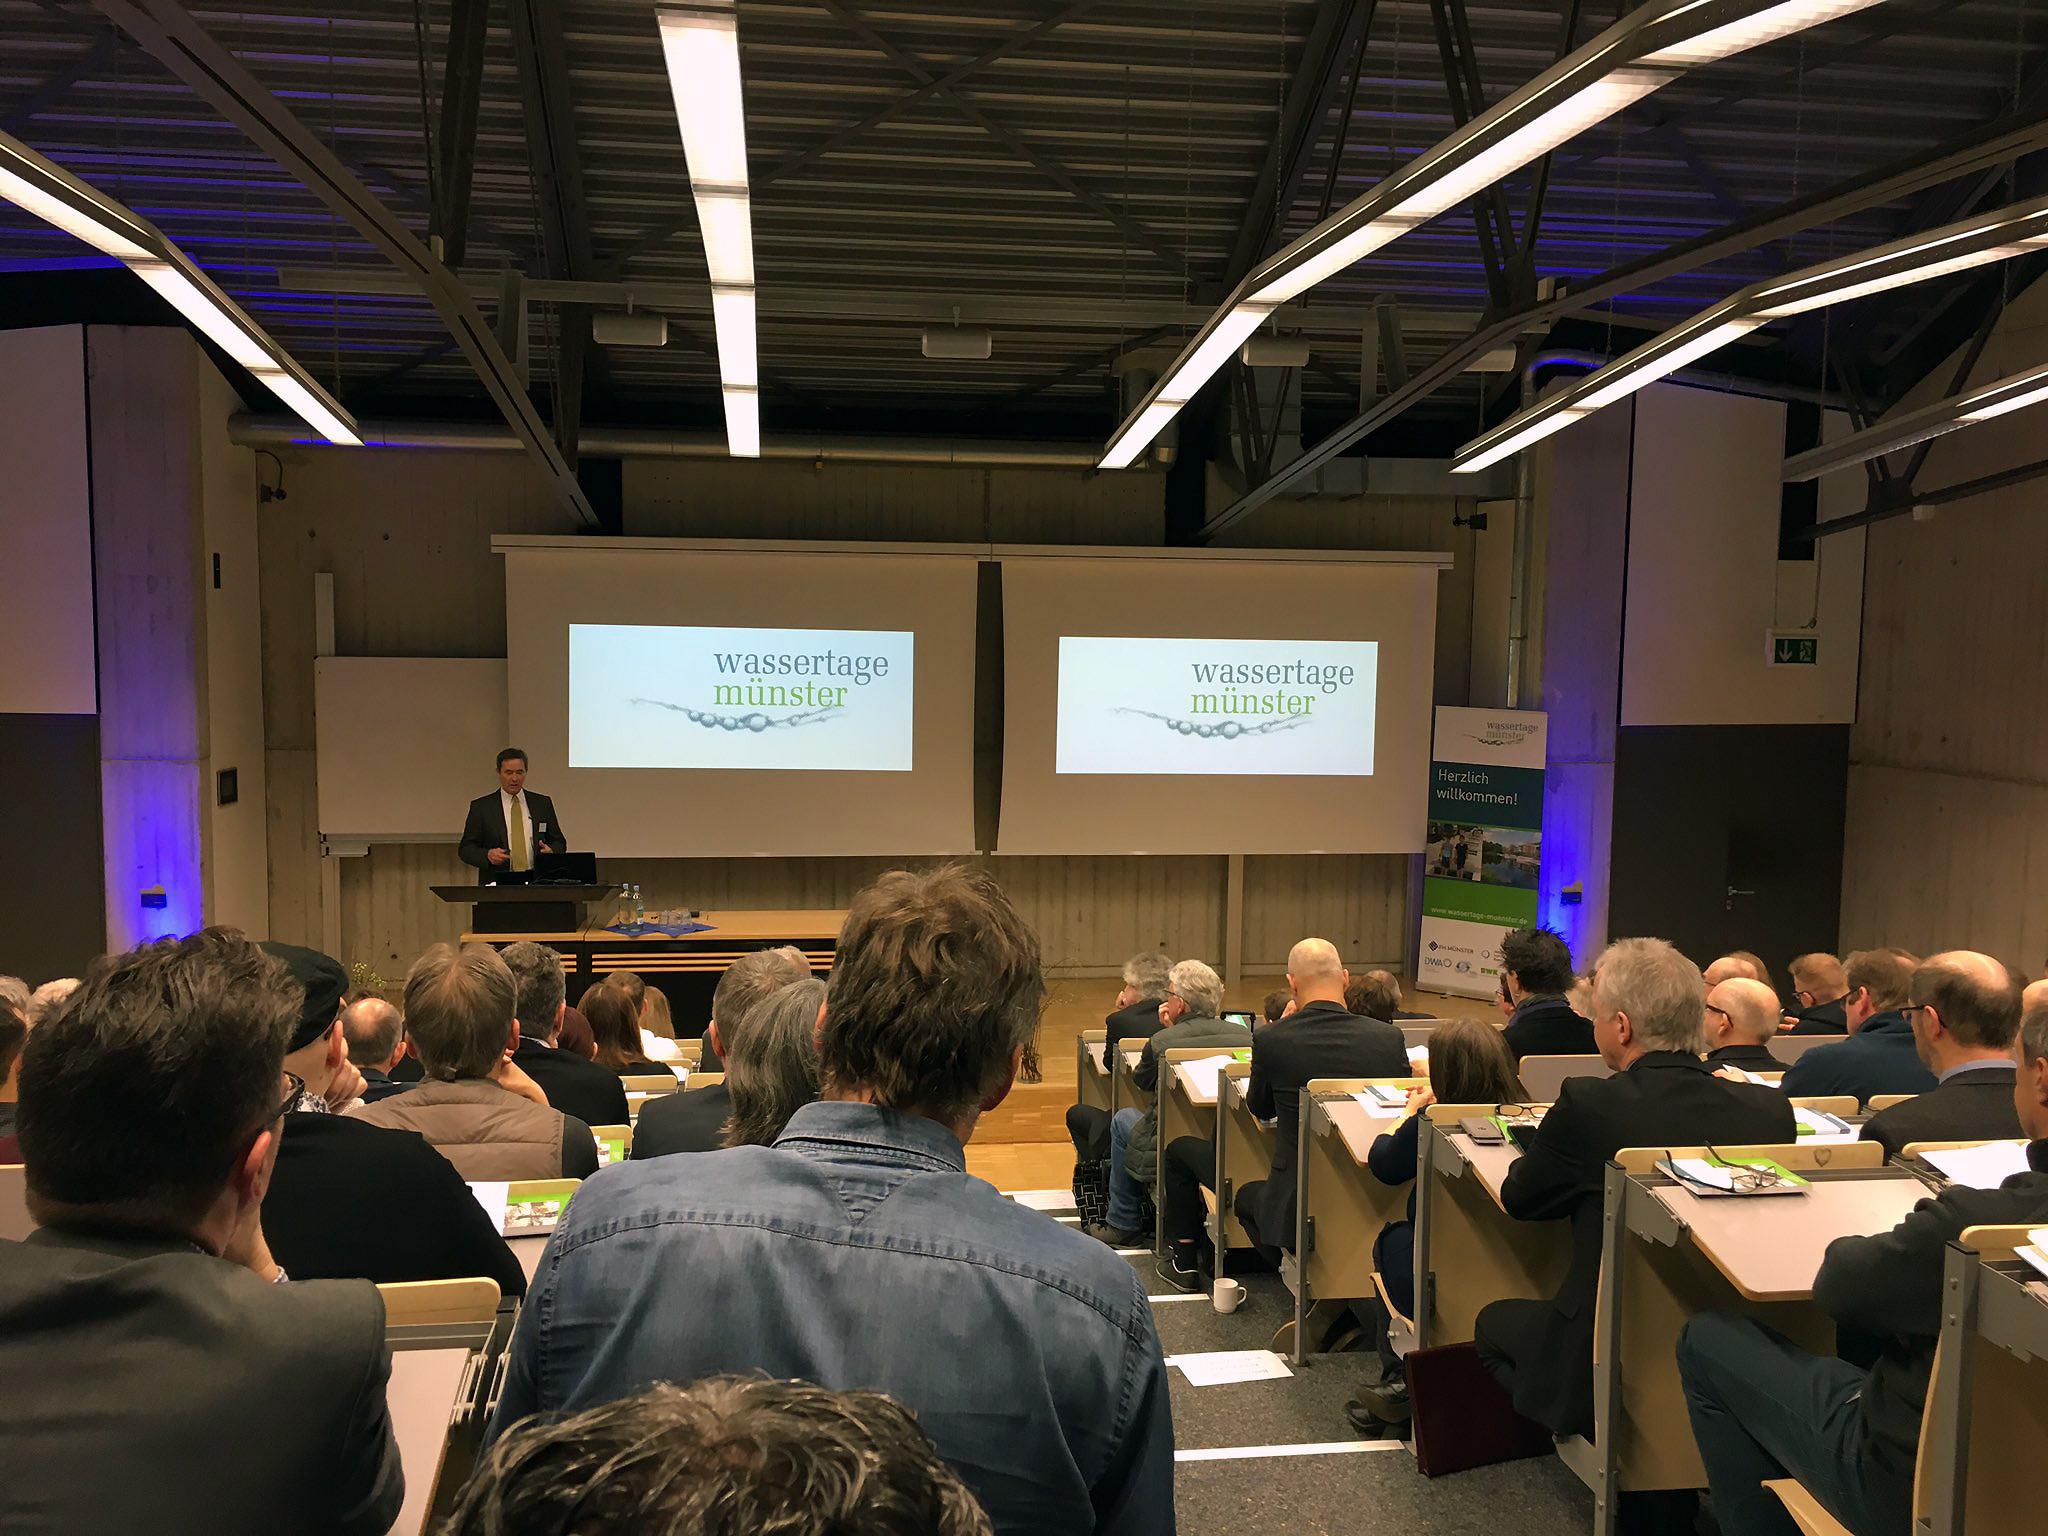 Wassertage Münster 2017 WaSiG Eröffnung Prof. Uhl